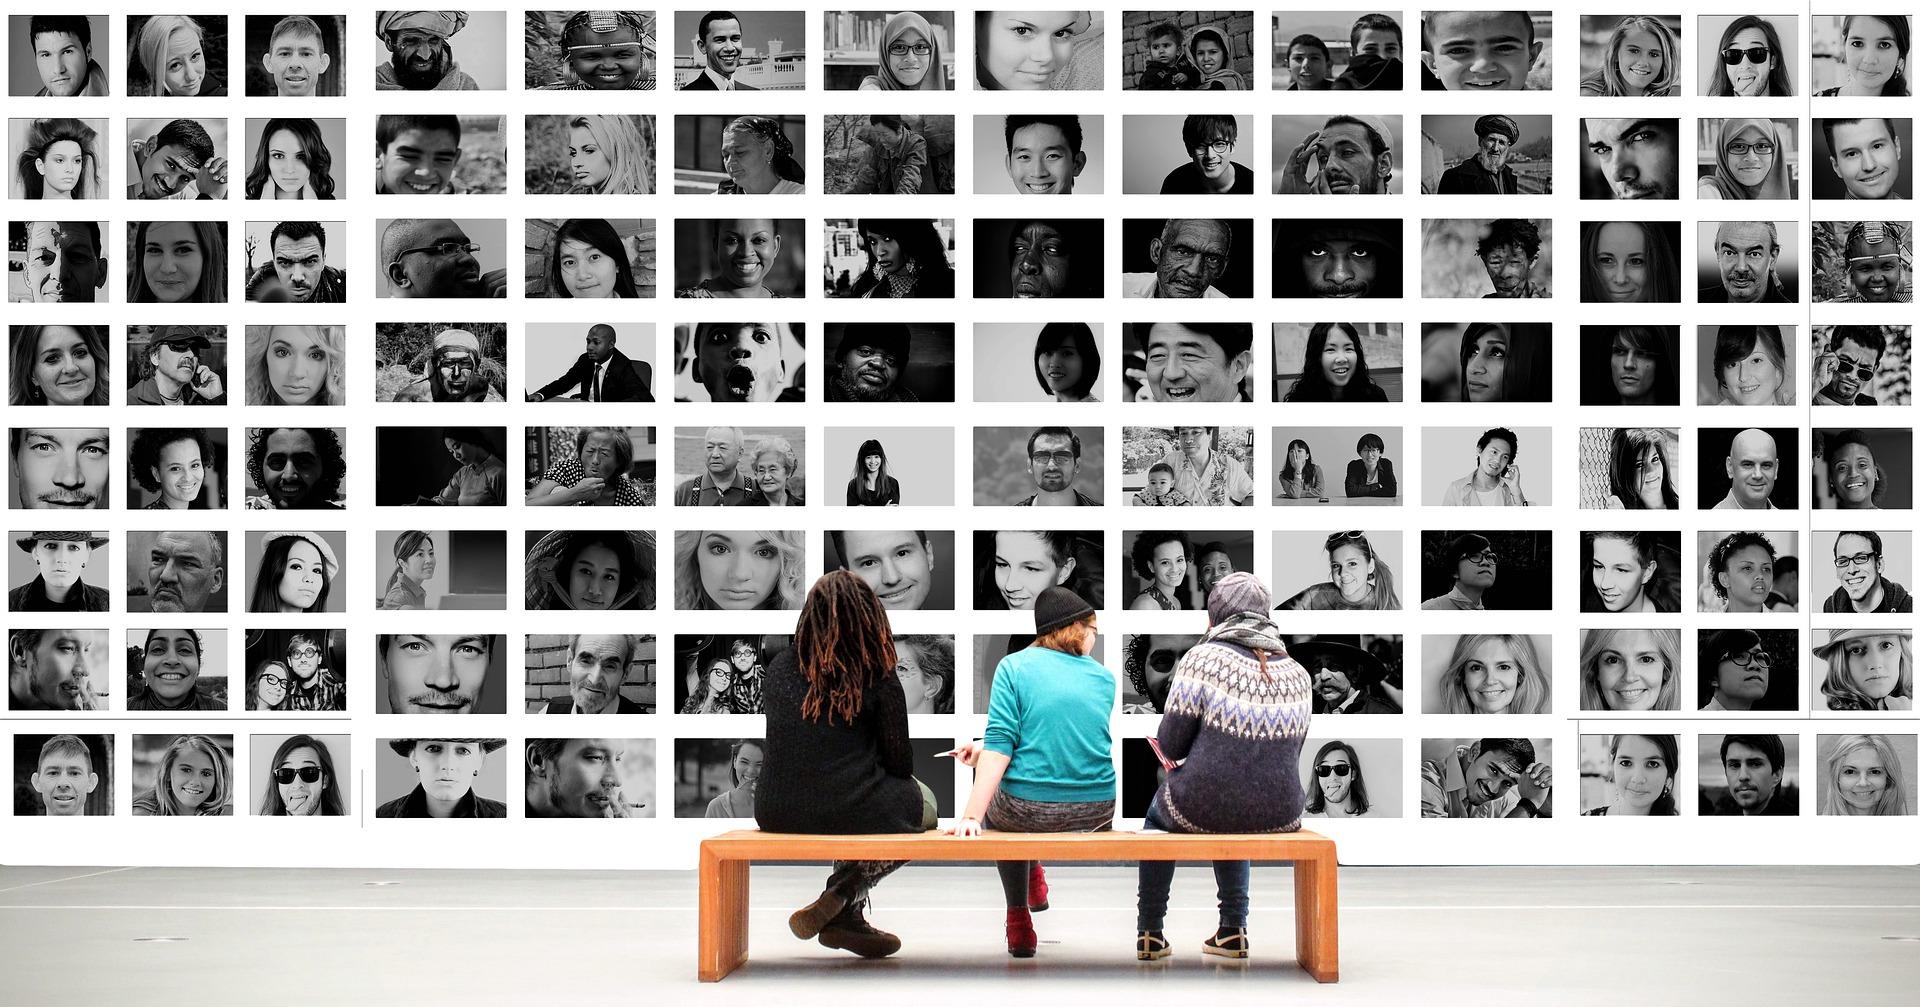 People viewing people